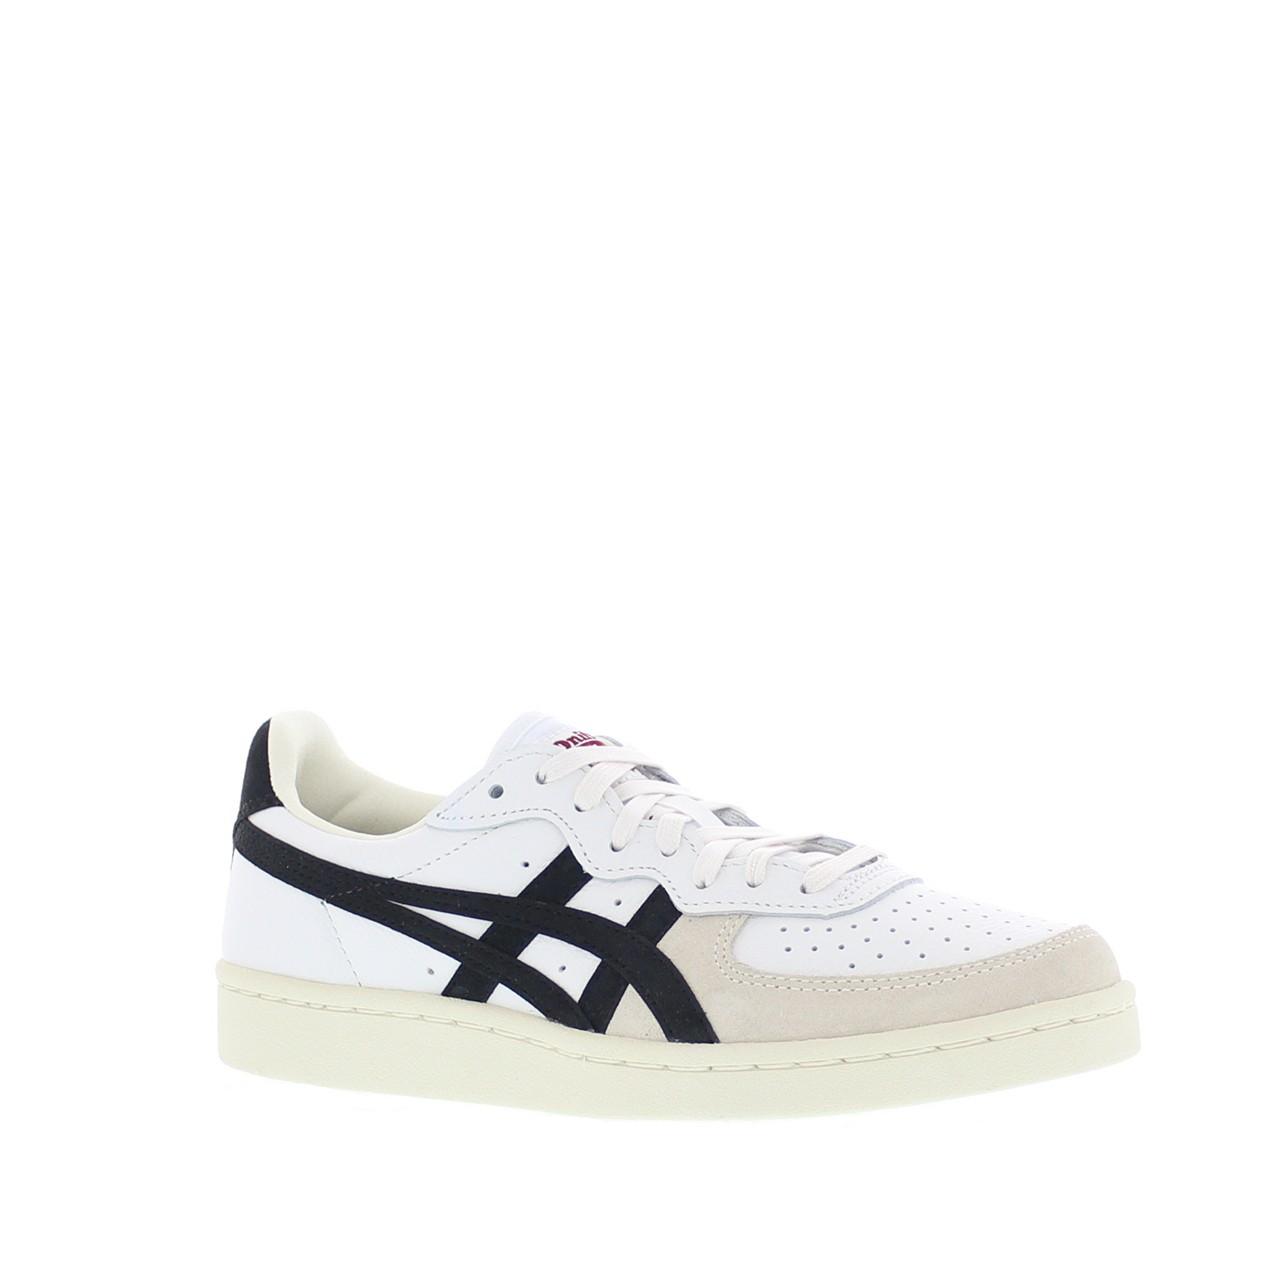 Afbeelding van Asics Tiger Sneakers 280-15-19 wit